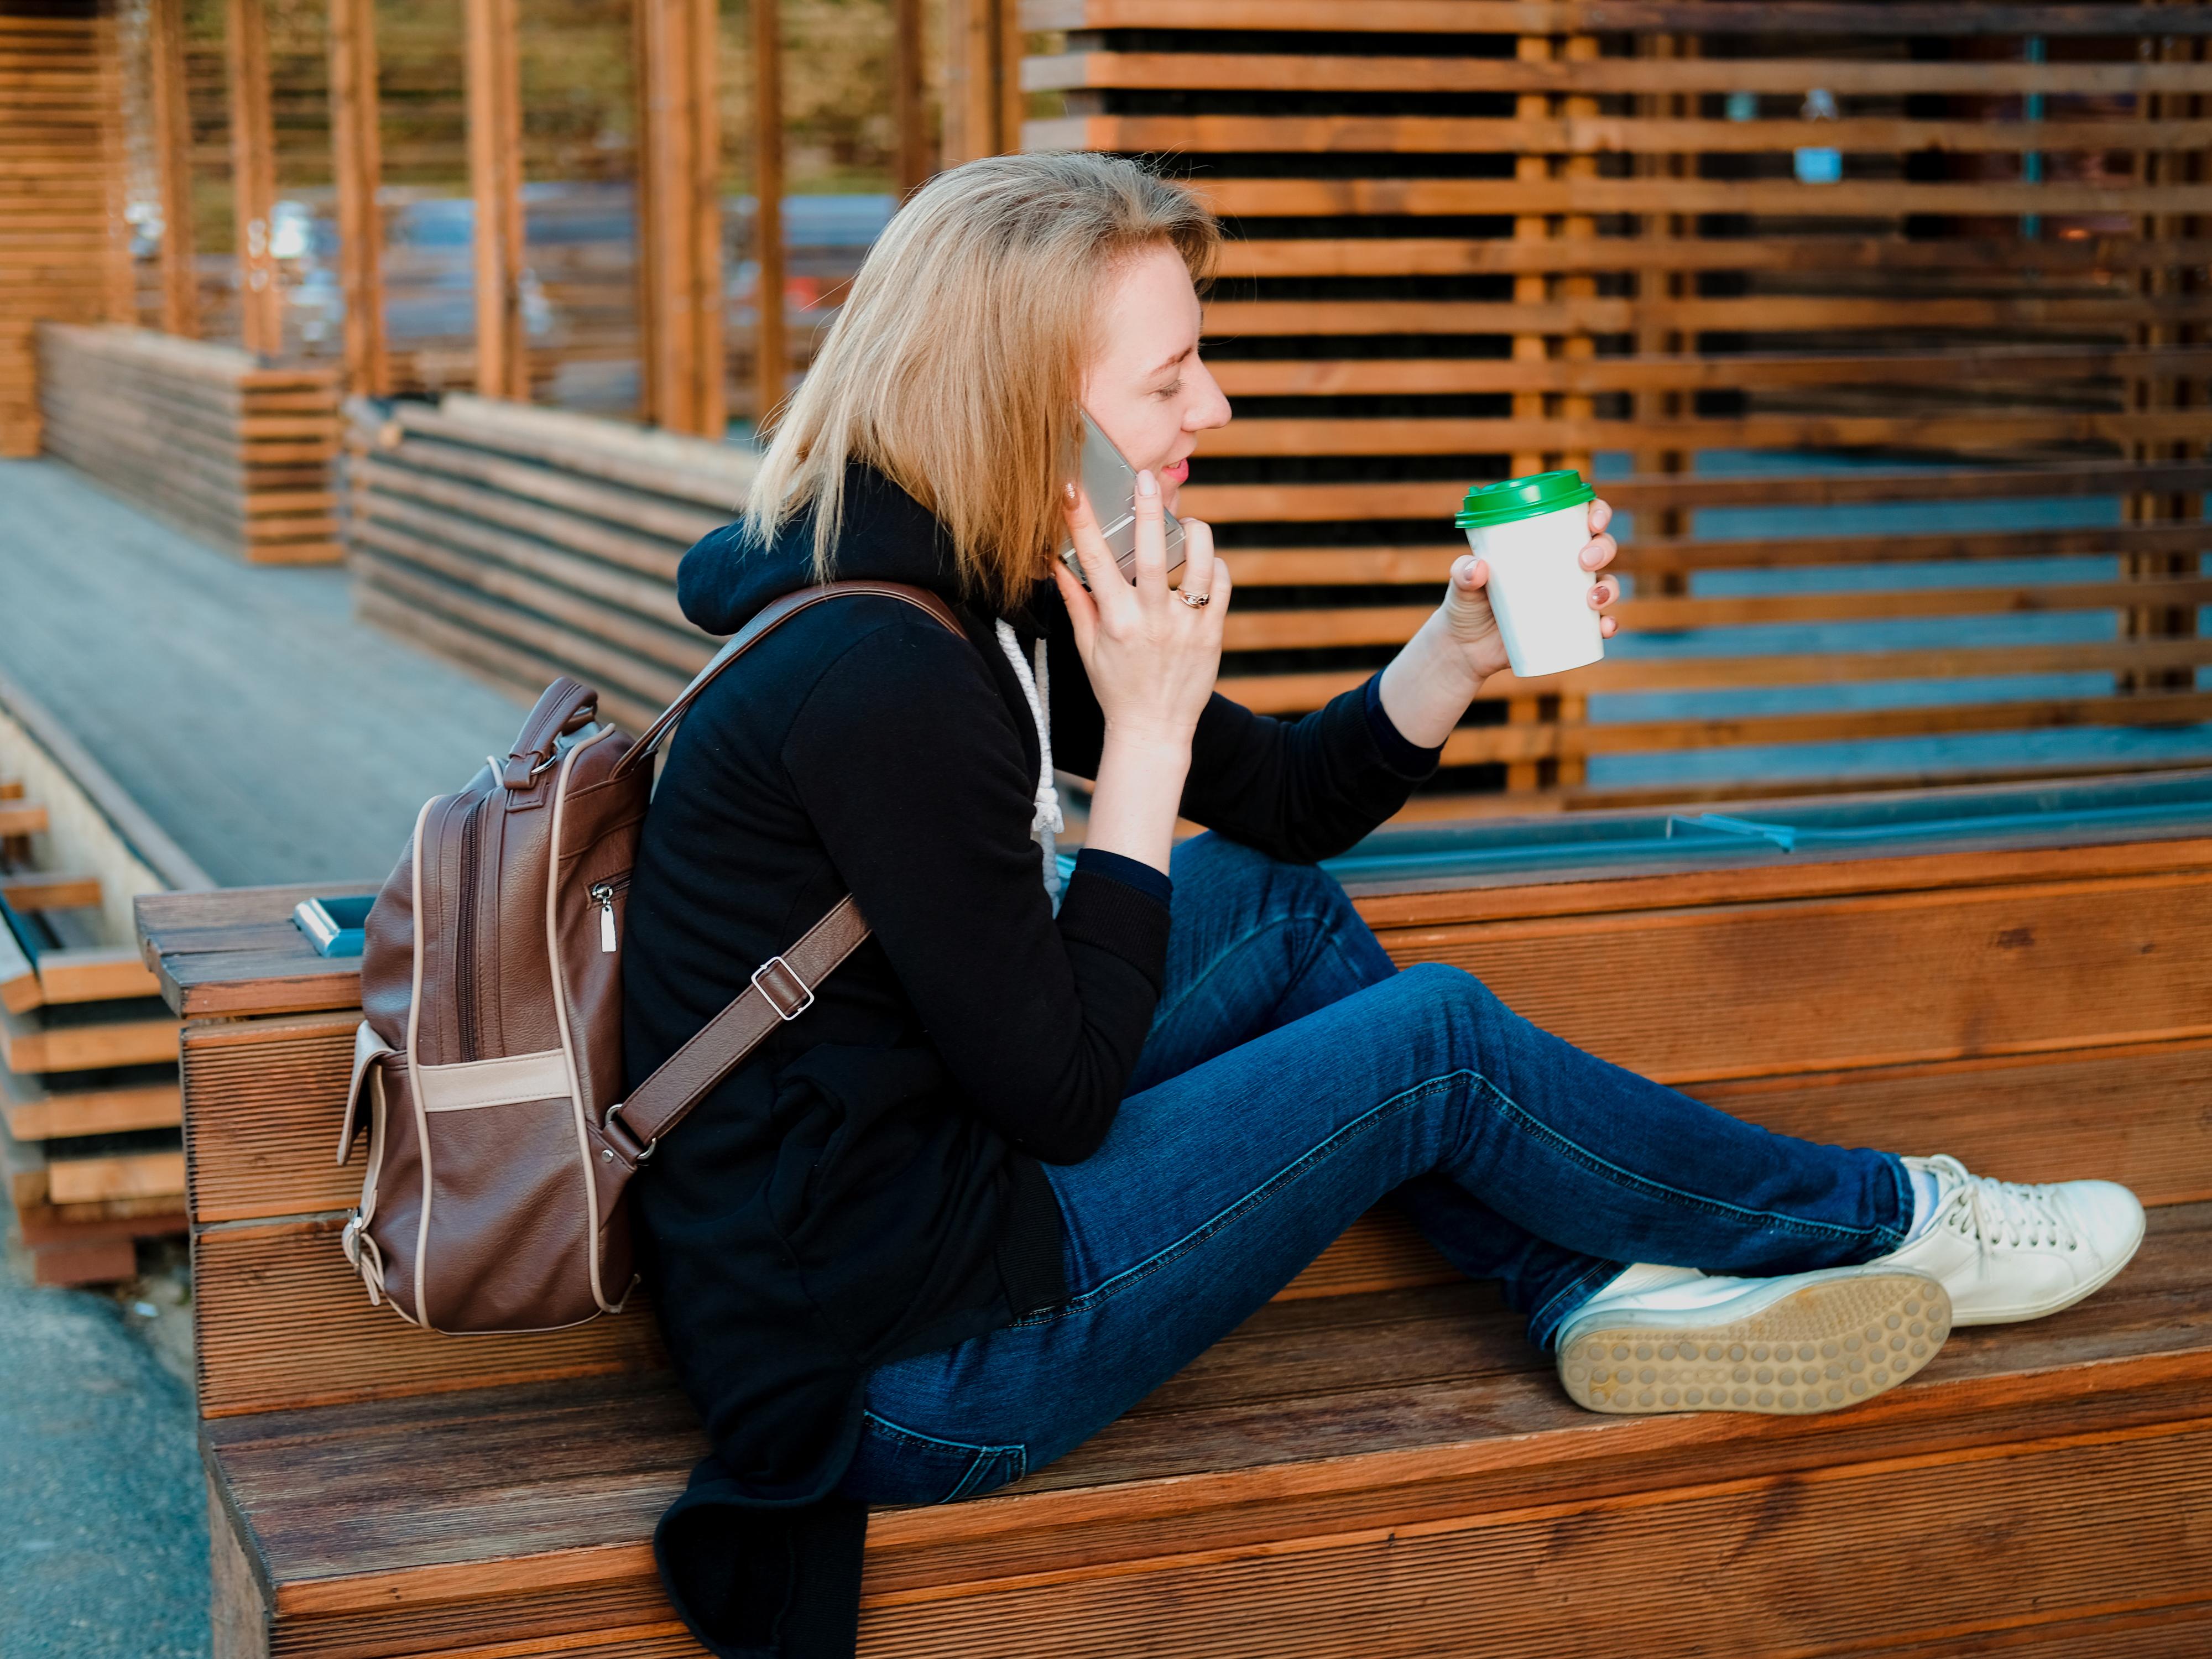 Kvinnor drabbas oftare än män av urinvägsinfektion eftersom deras urinrör är kortare.